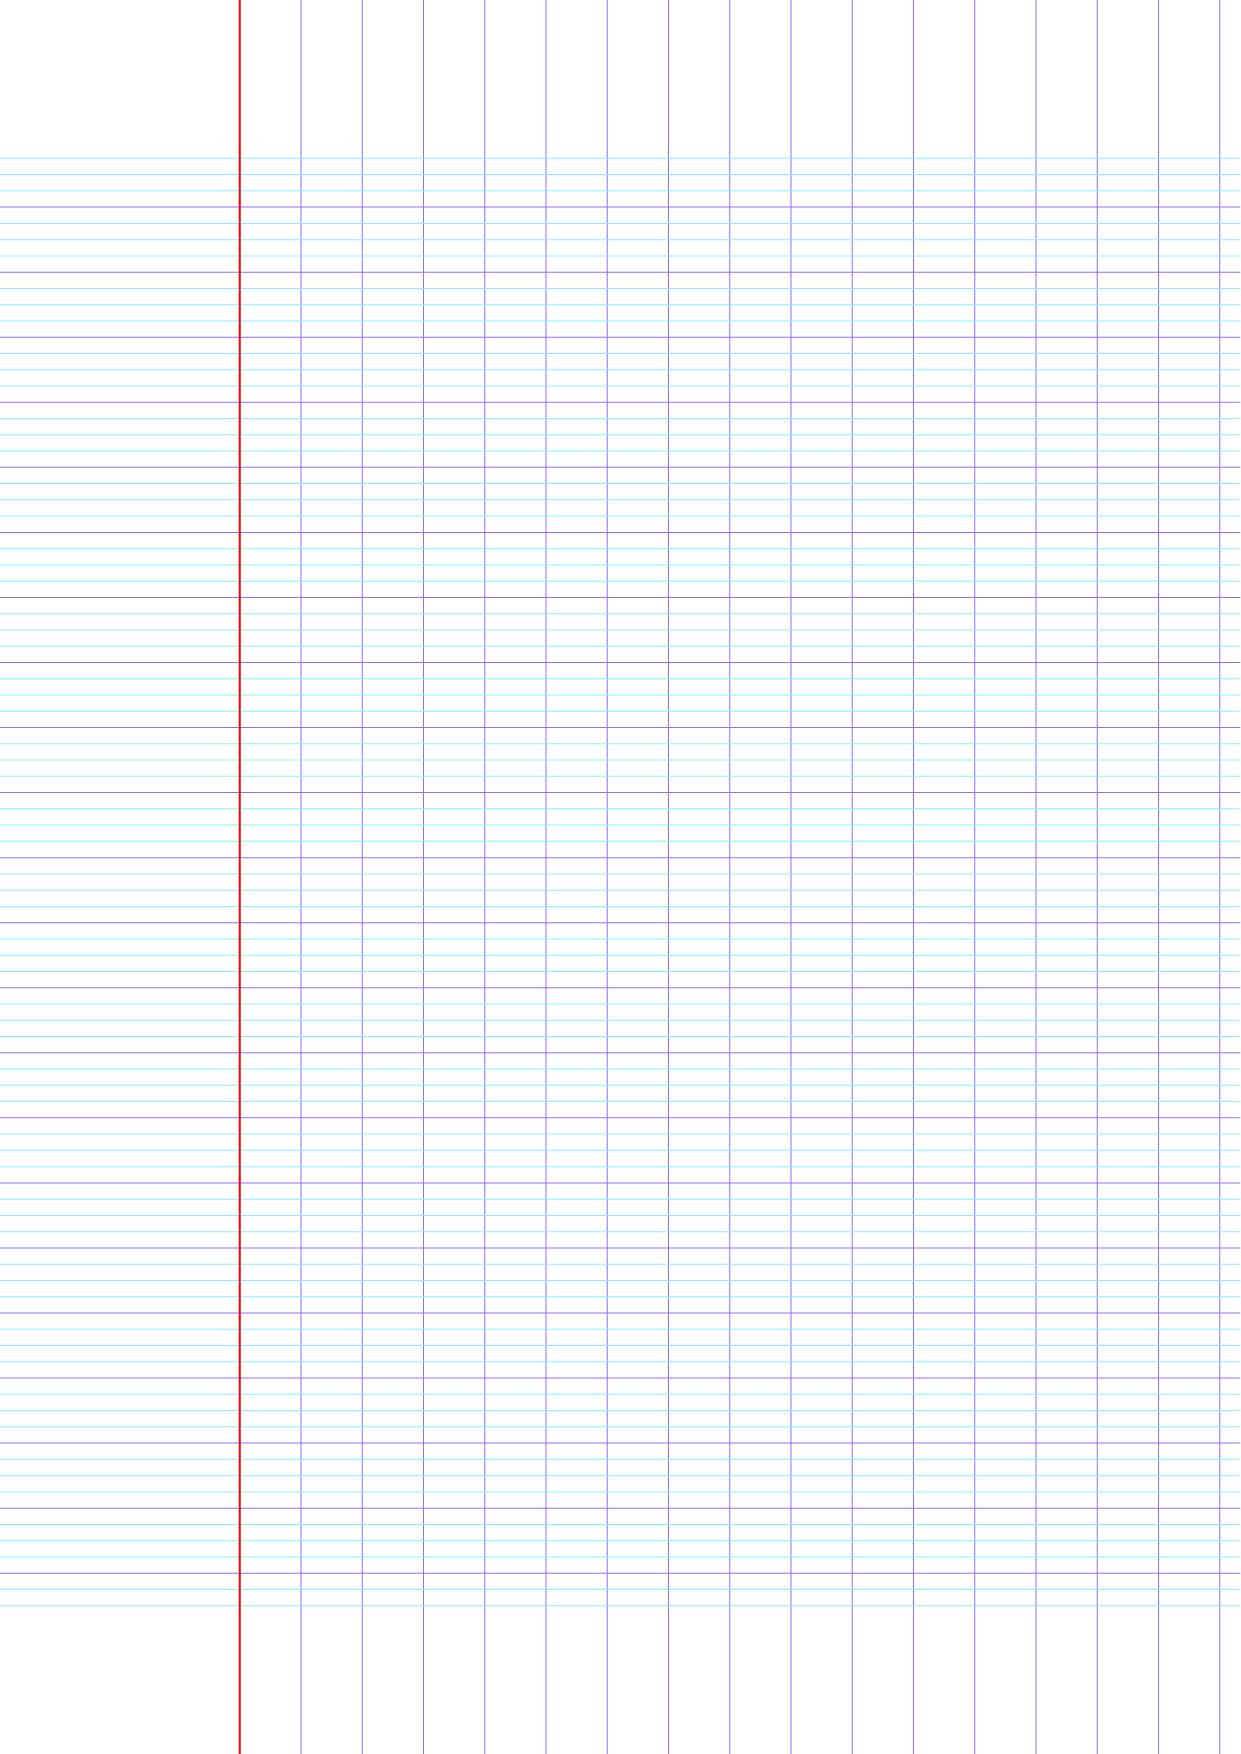 Feuille D'écriture Vierge À Imprimer   Exercices D'écriture dedans Exercices Maternelle A Imprimer Gratuit